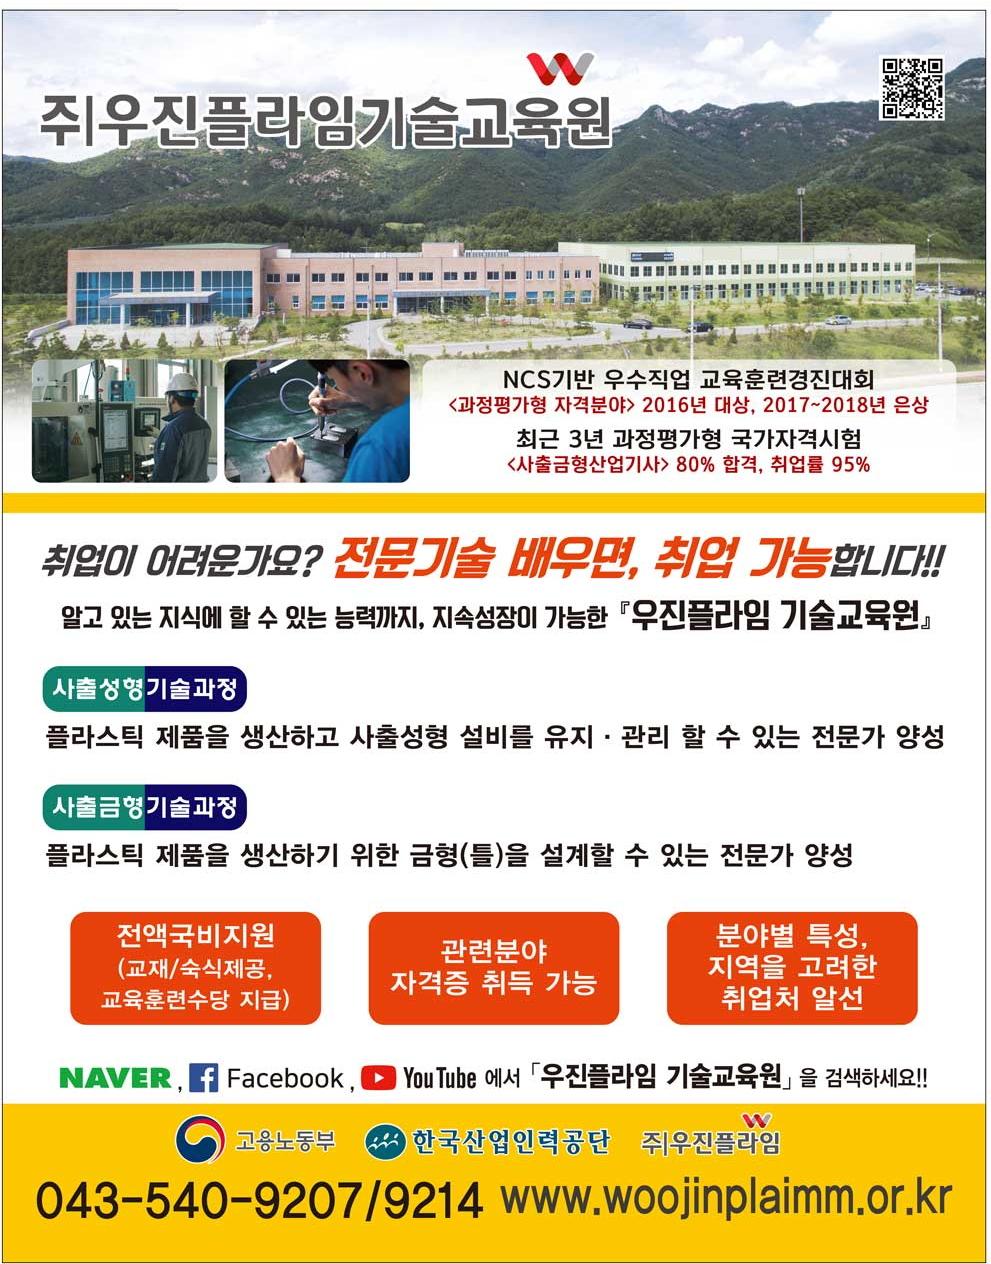 (주)우진플라임 기술교육원 국비무료 직업훈련생 모집 [이미지]